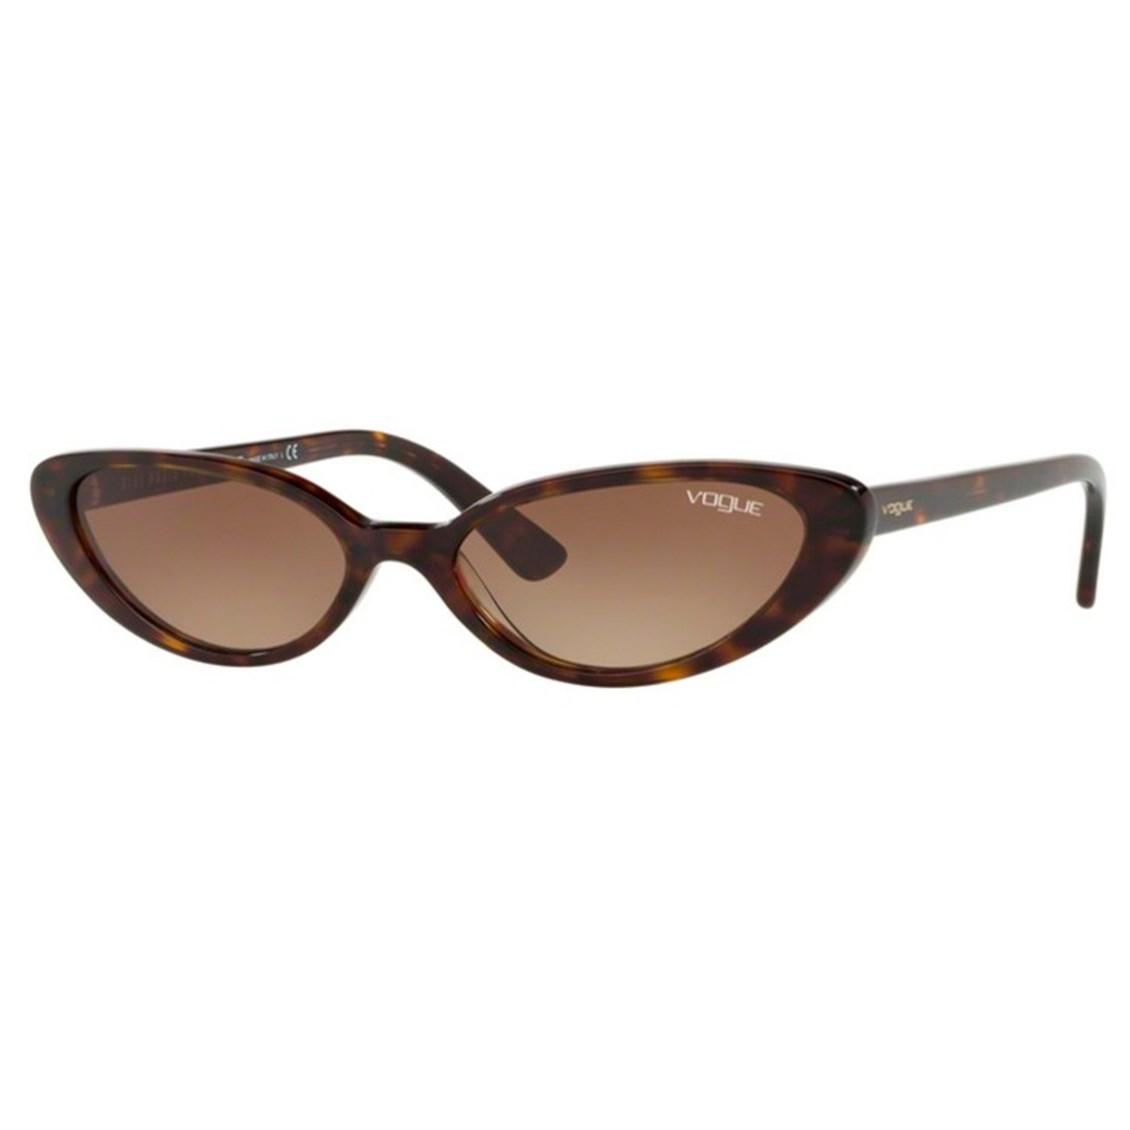 Óculos de Sol Vogue Special Collection by Gigi Hadid VO5237S W65613-52